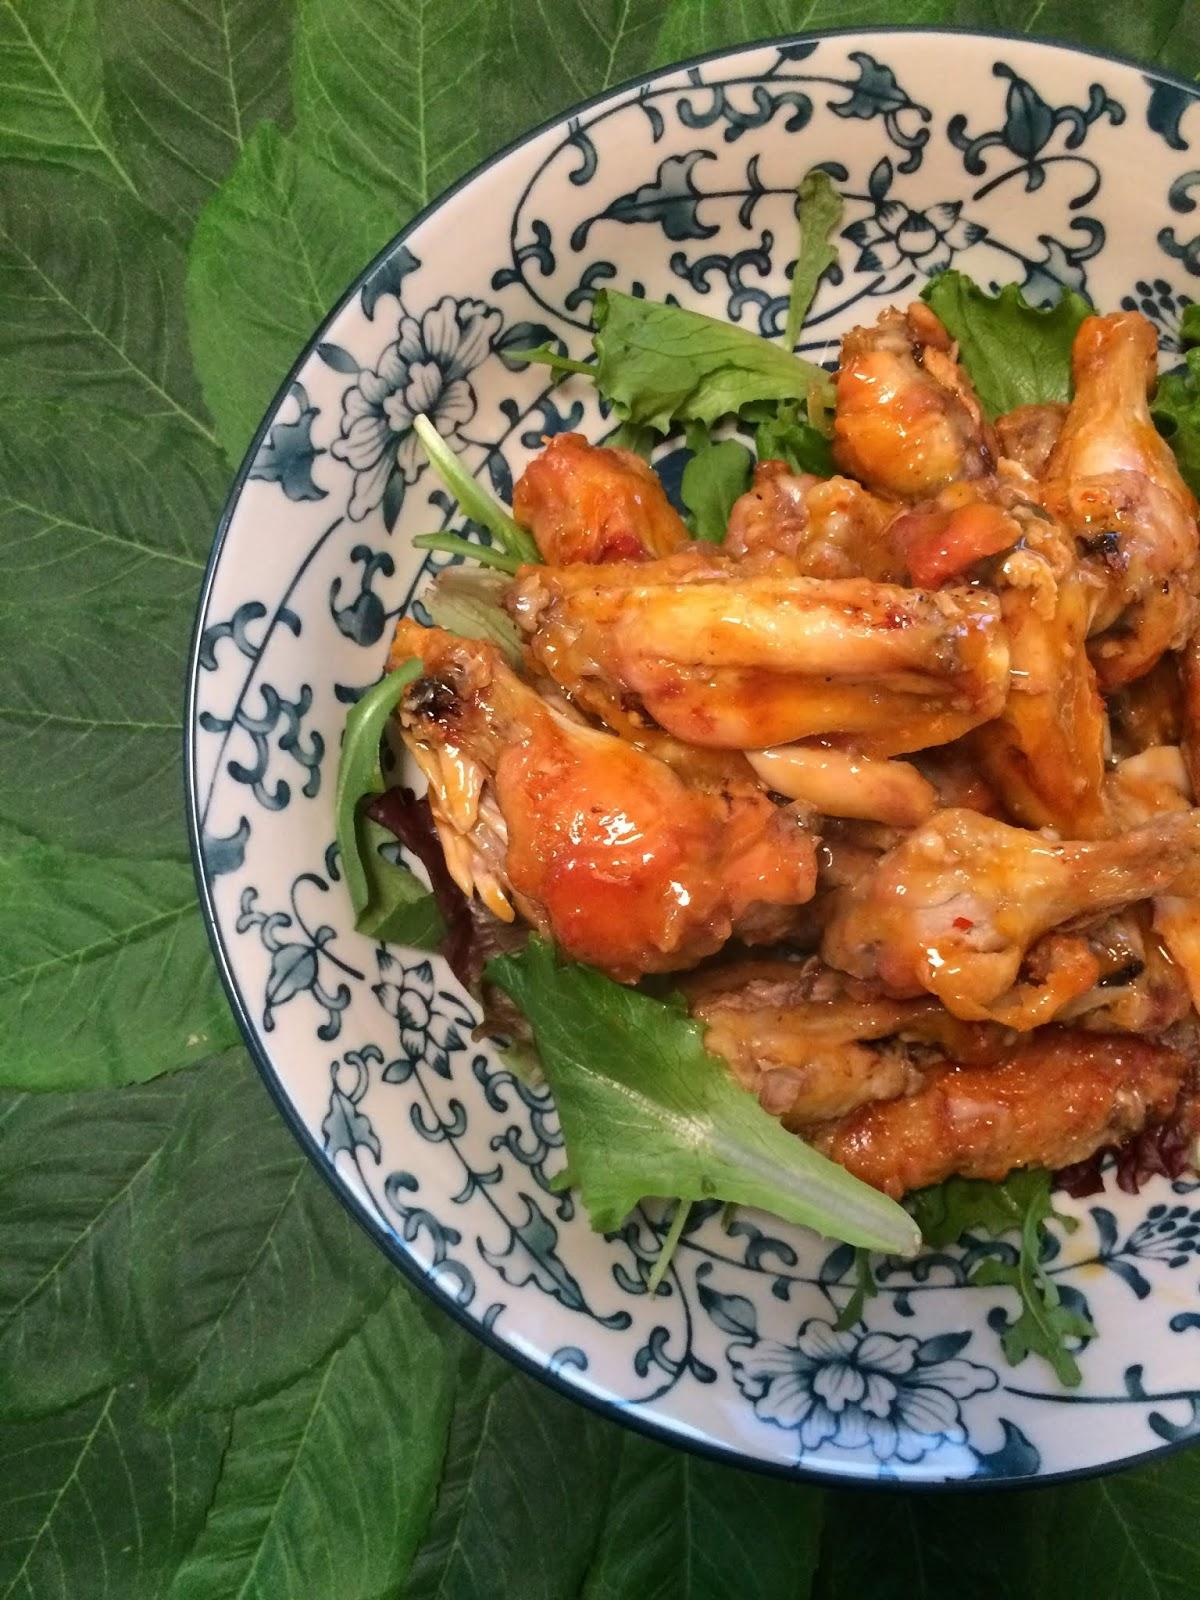 Minxeats Recipes Recaps And Restaurant Reviews January 2019